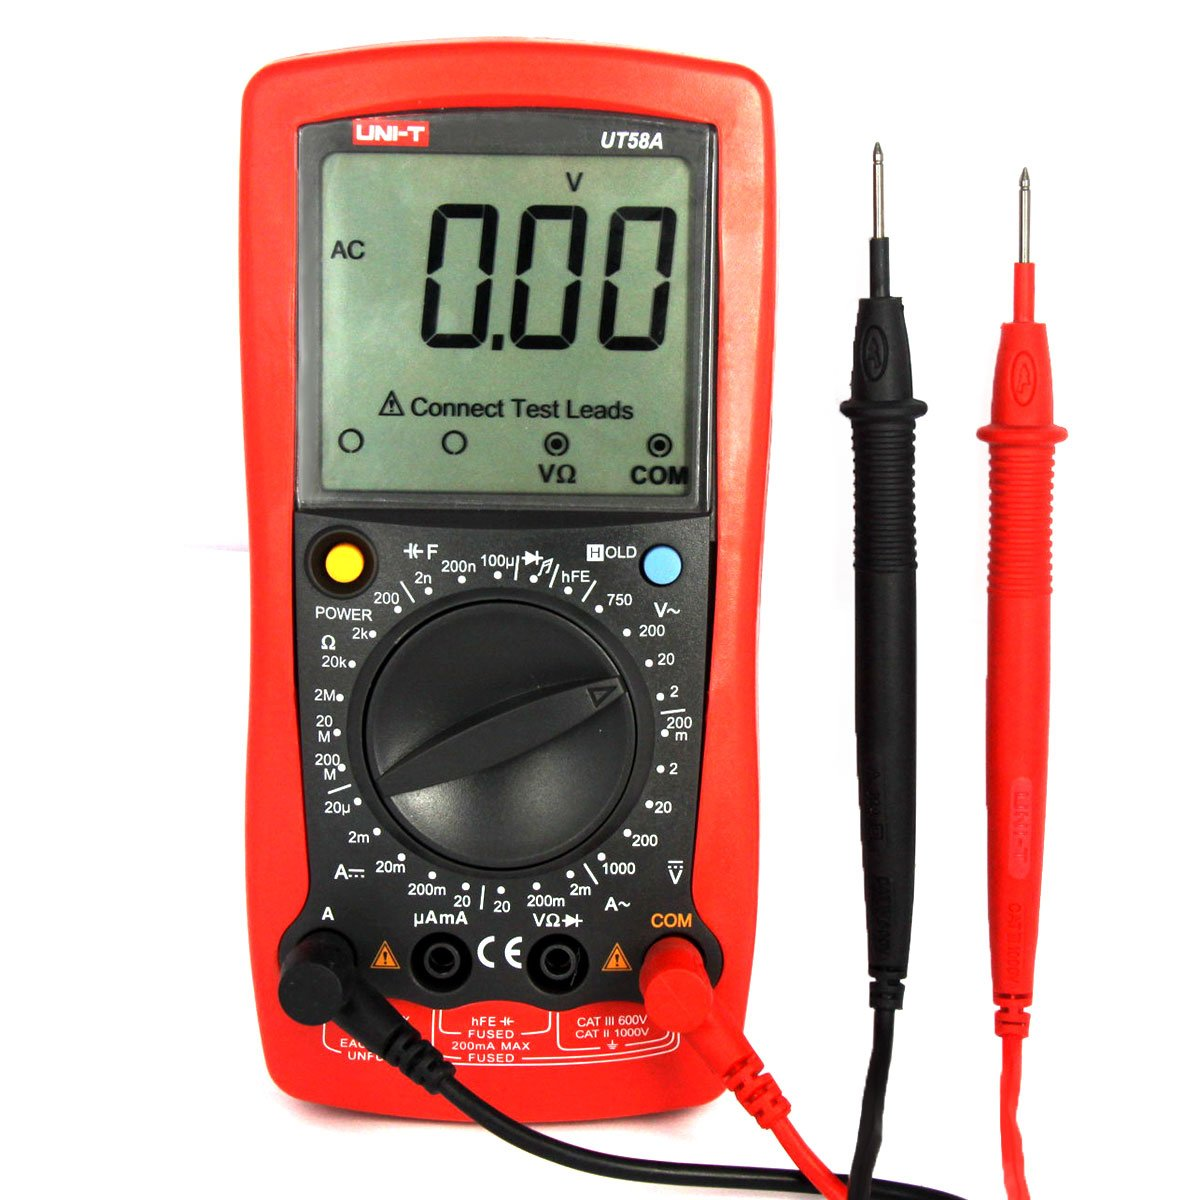 JalonC UNI-T UT120C POCKET Taille Stype Multim/ètre Num/érique de Poche Mini /électrique M/ètres LCD Affichage